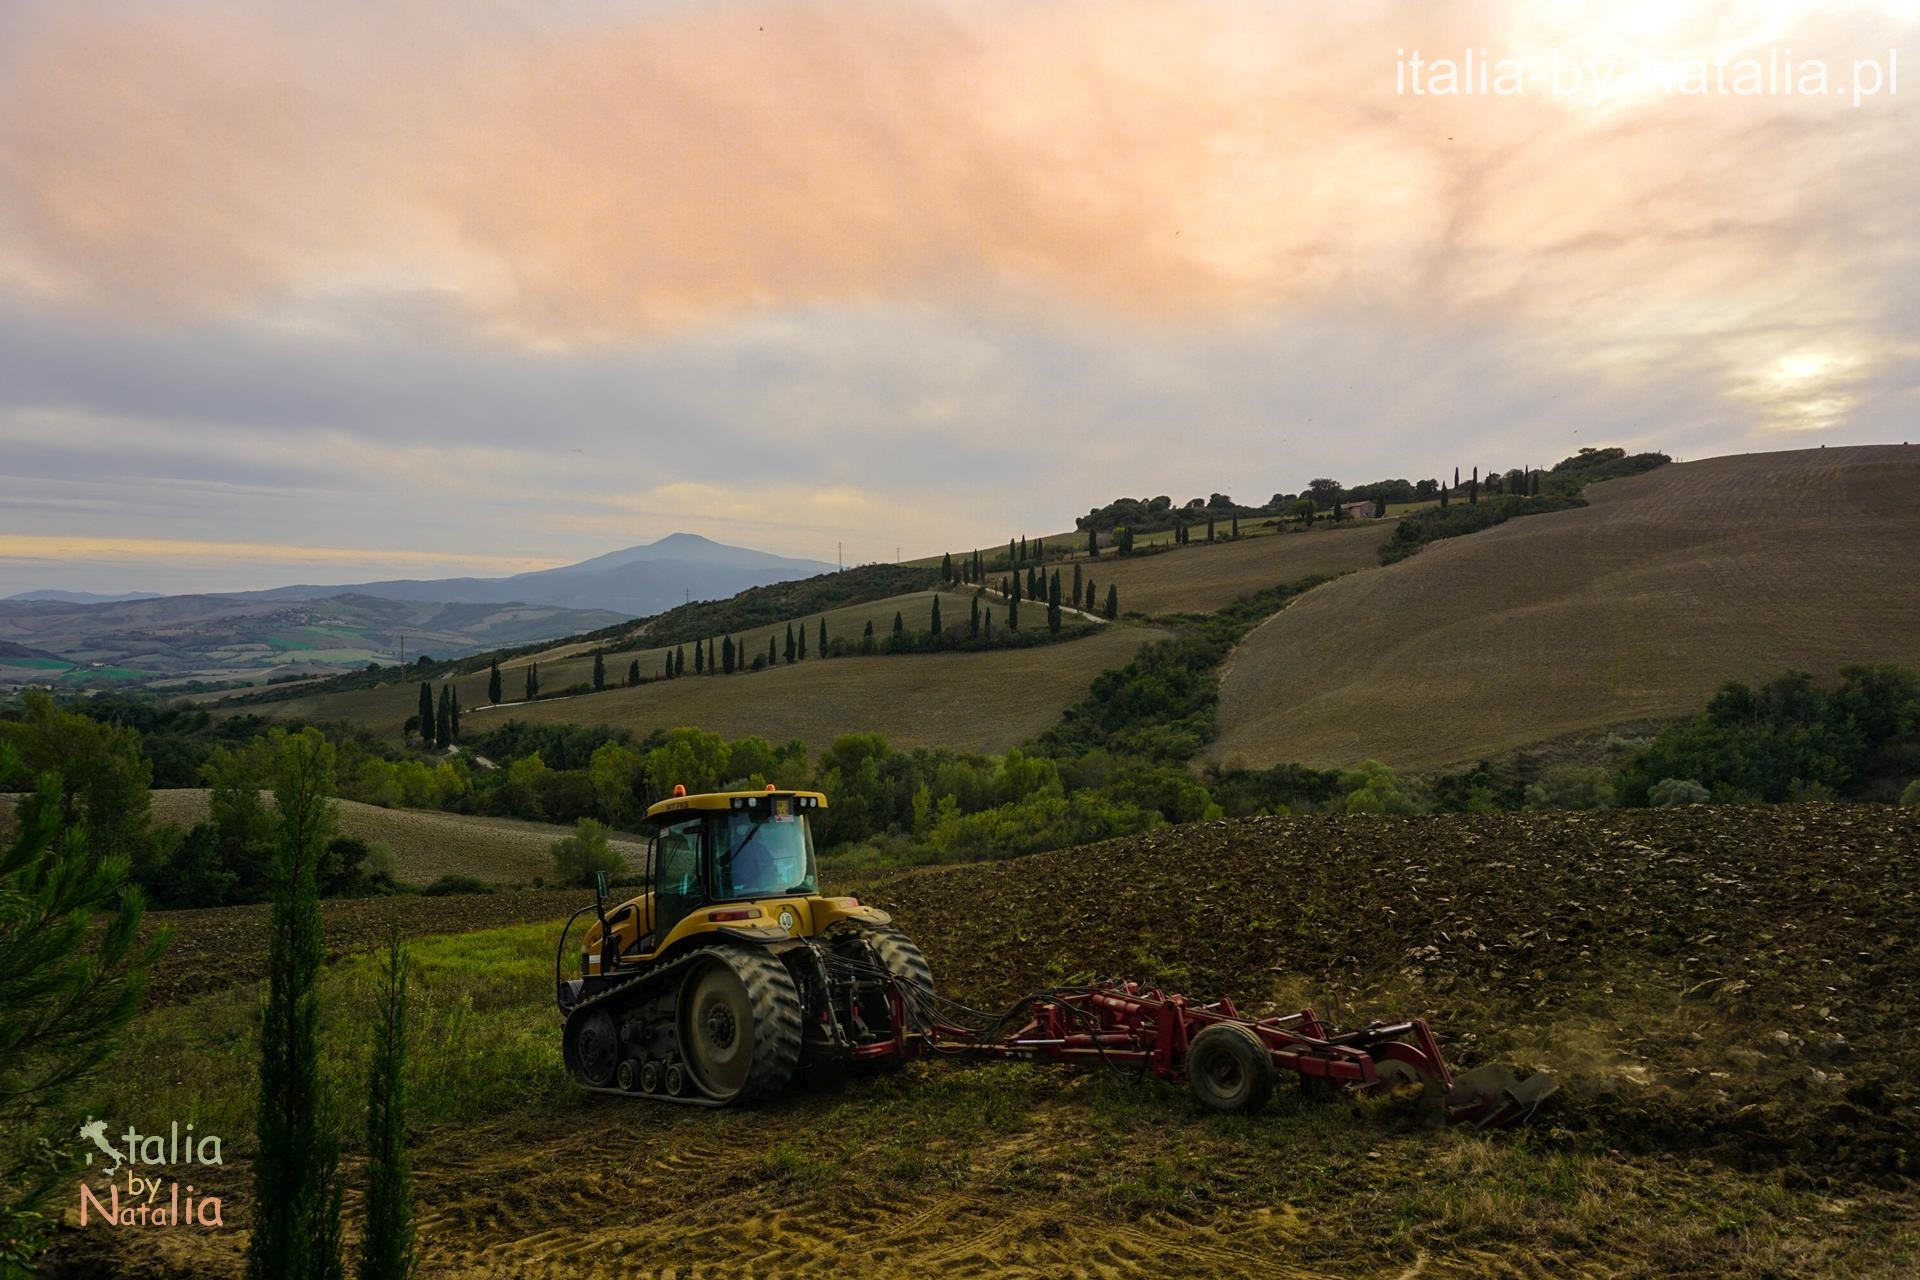 La Foce zawijaniec cyprysowy jesień toskania Val di Orcia cyprysowe drogi toskanii